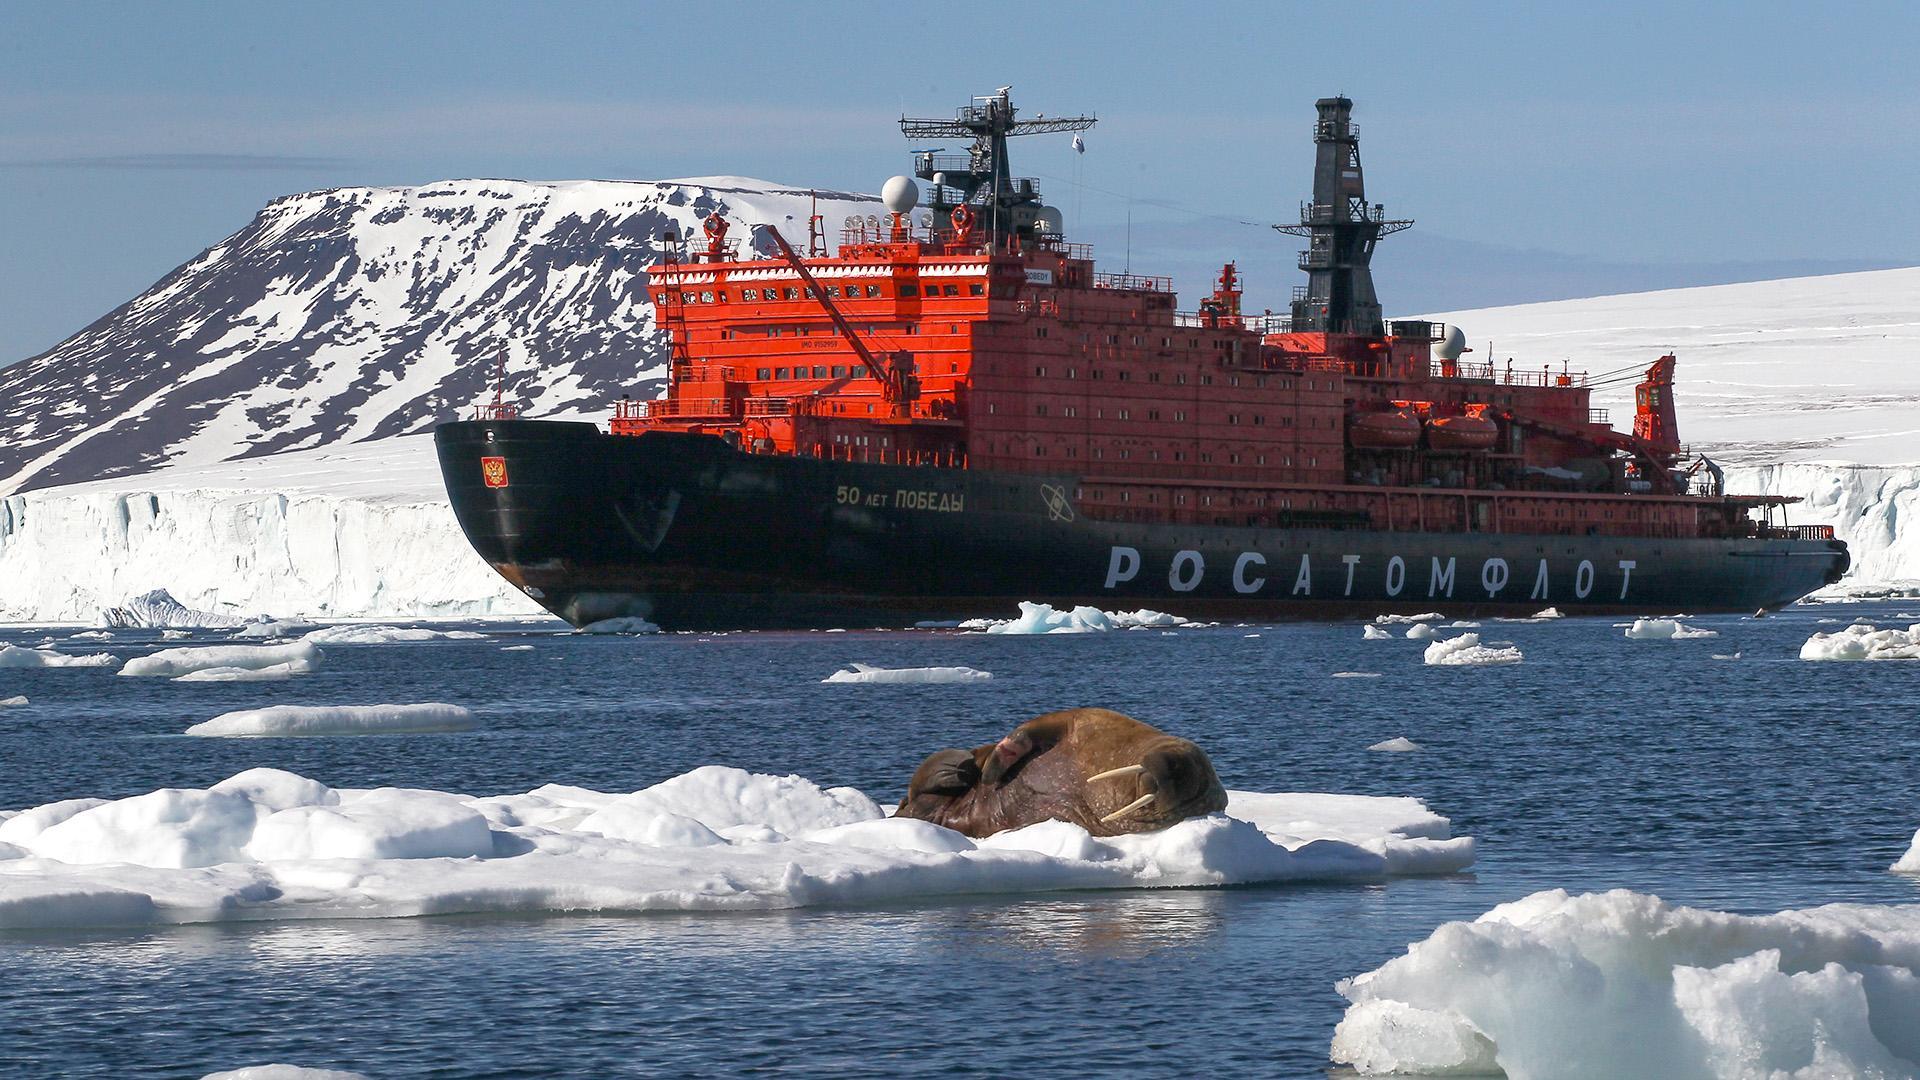 К 2035 году в Арктике создадут 200 тысяч рабочих мест - pnp.ru